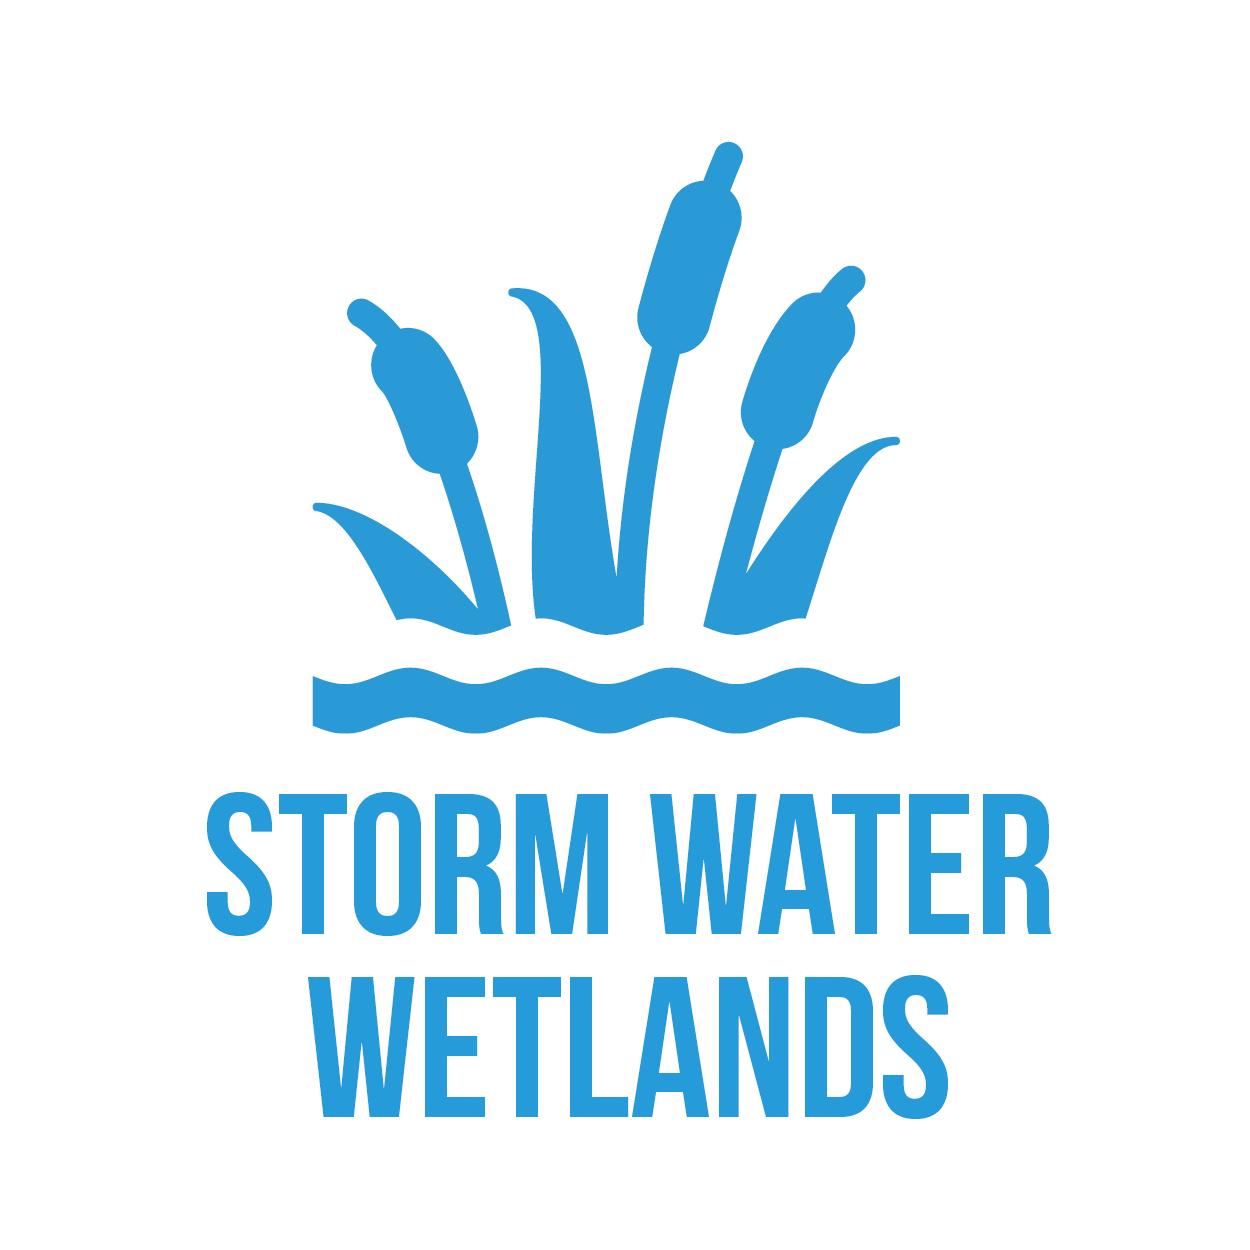 STORM WATER WETLANDS